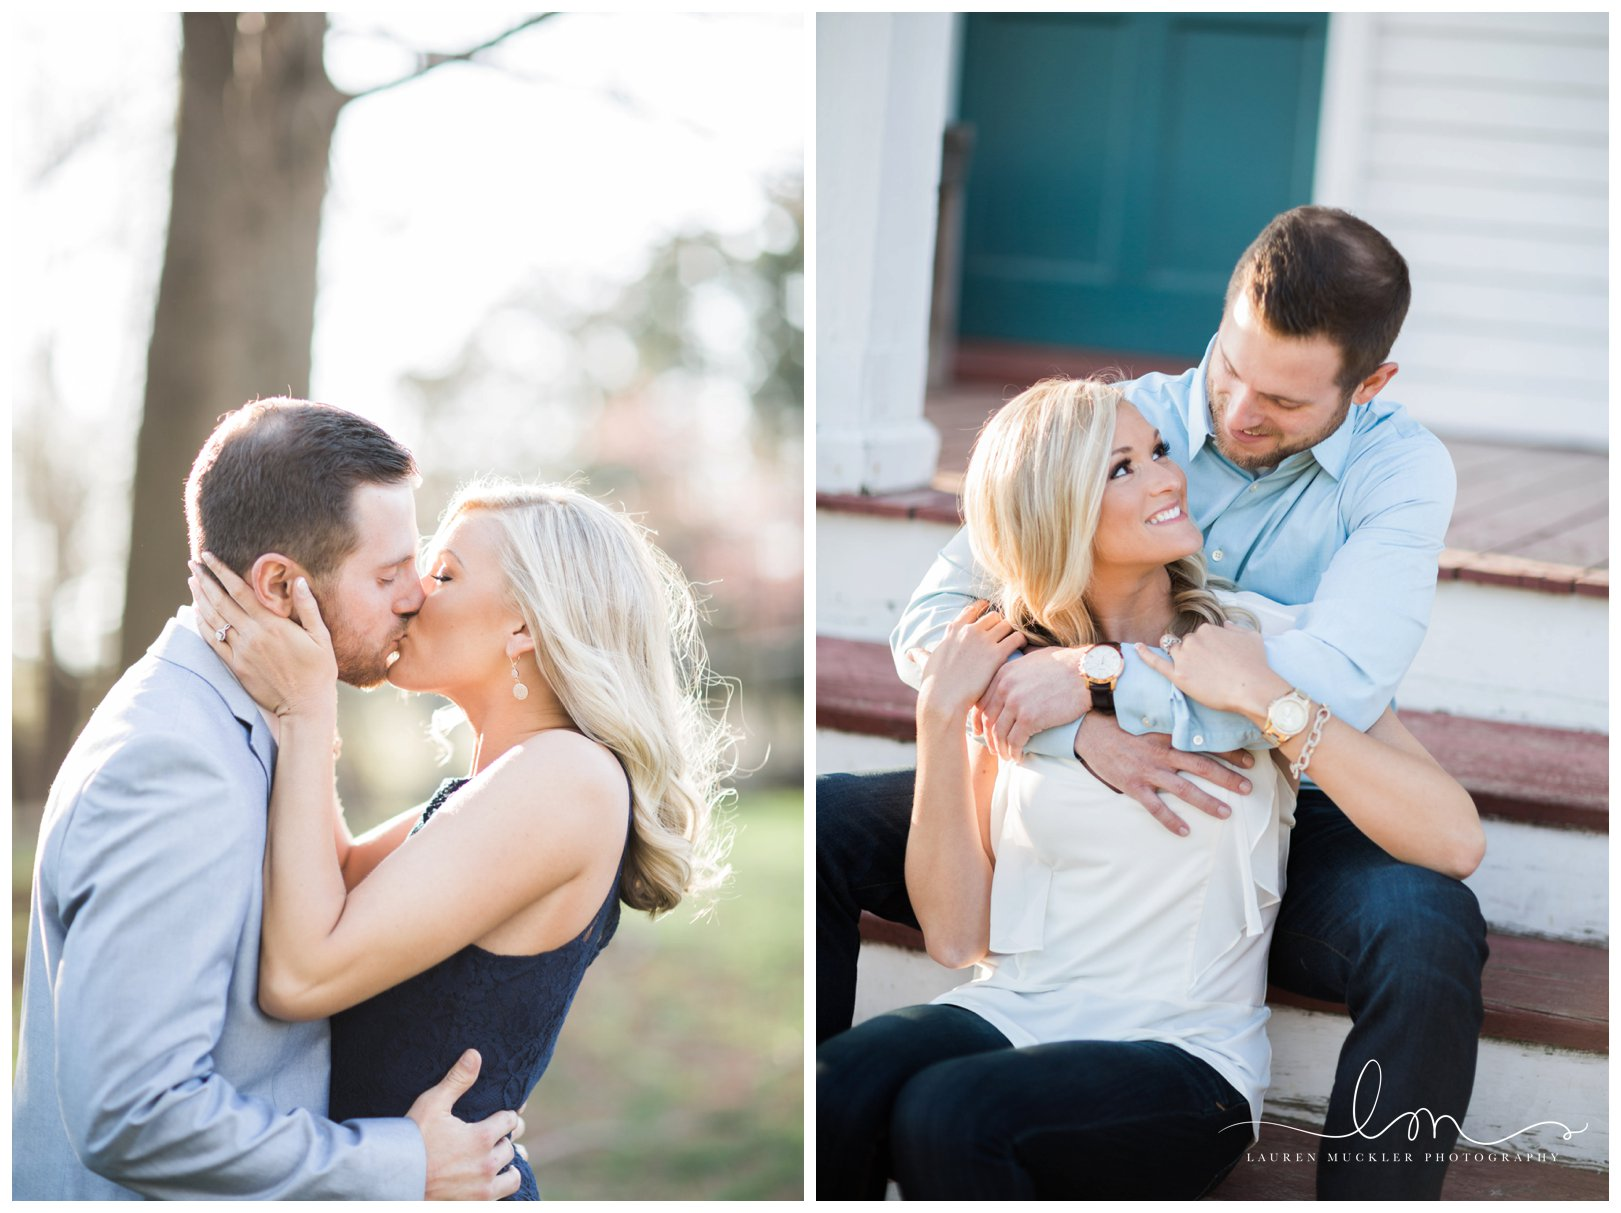 lauren muckler photography_fine art film wedding photography_st louis_photography_0108.jpg